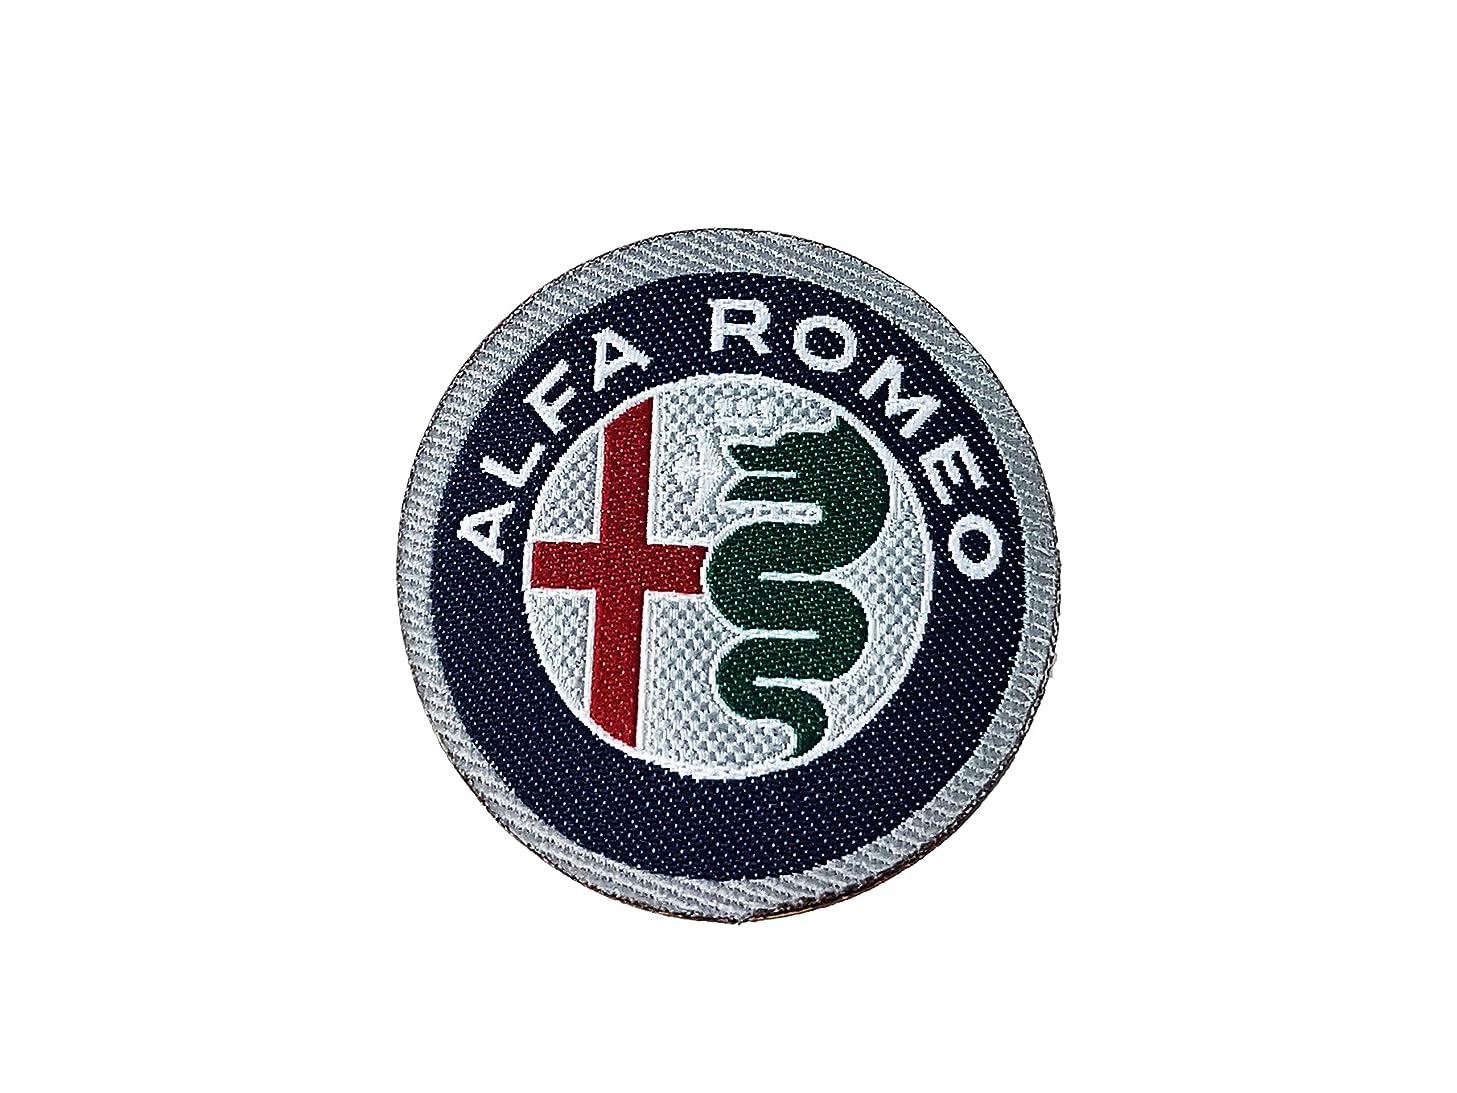 Alfa Romeo 21824 Official Logo Sticker Patch Diam. 50mm